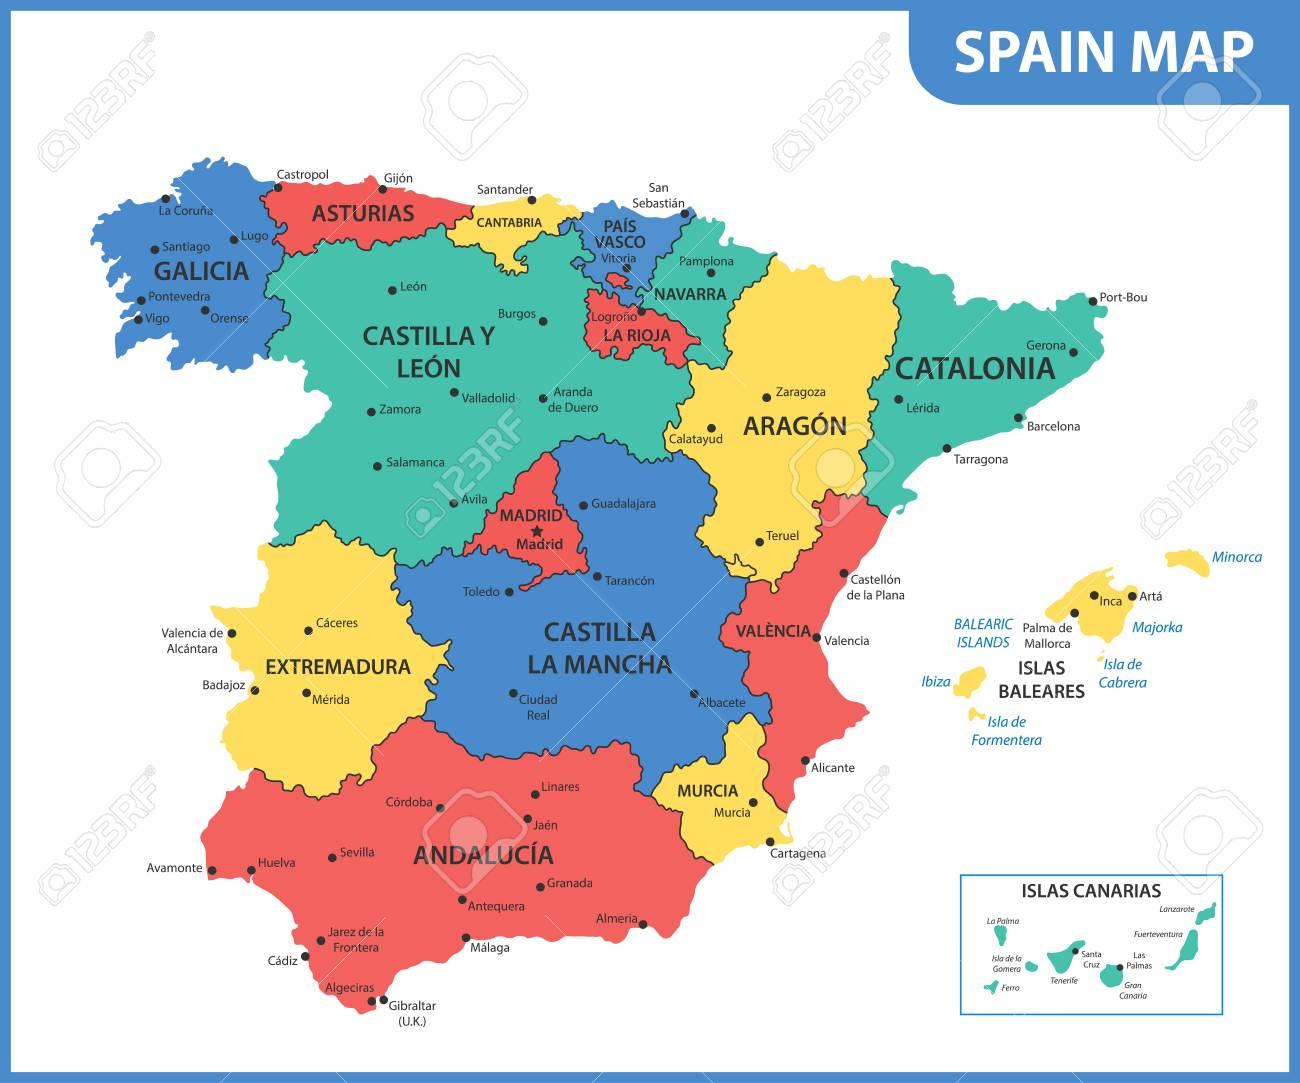 Le Regioni Della Spagna Cartina.Vettoriale La Mappa Dettagliata Della Spagna Con Regioni O Stati E Citta Capitali Image 91115873